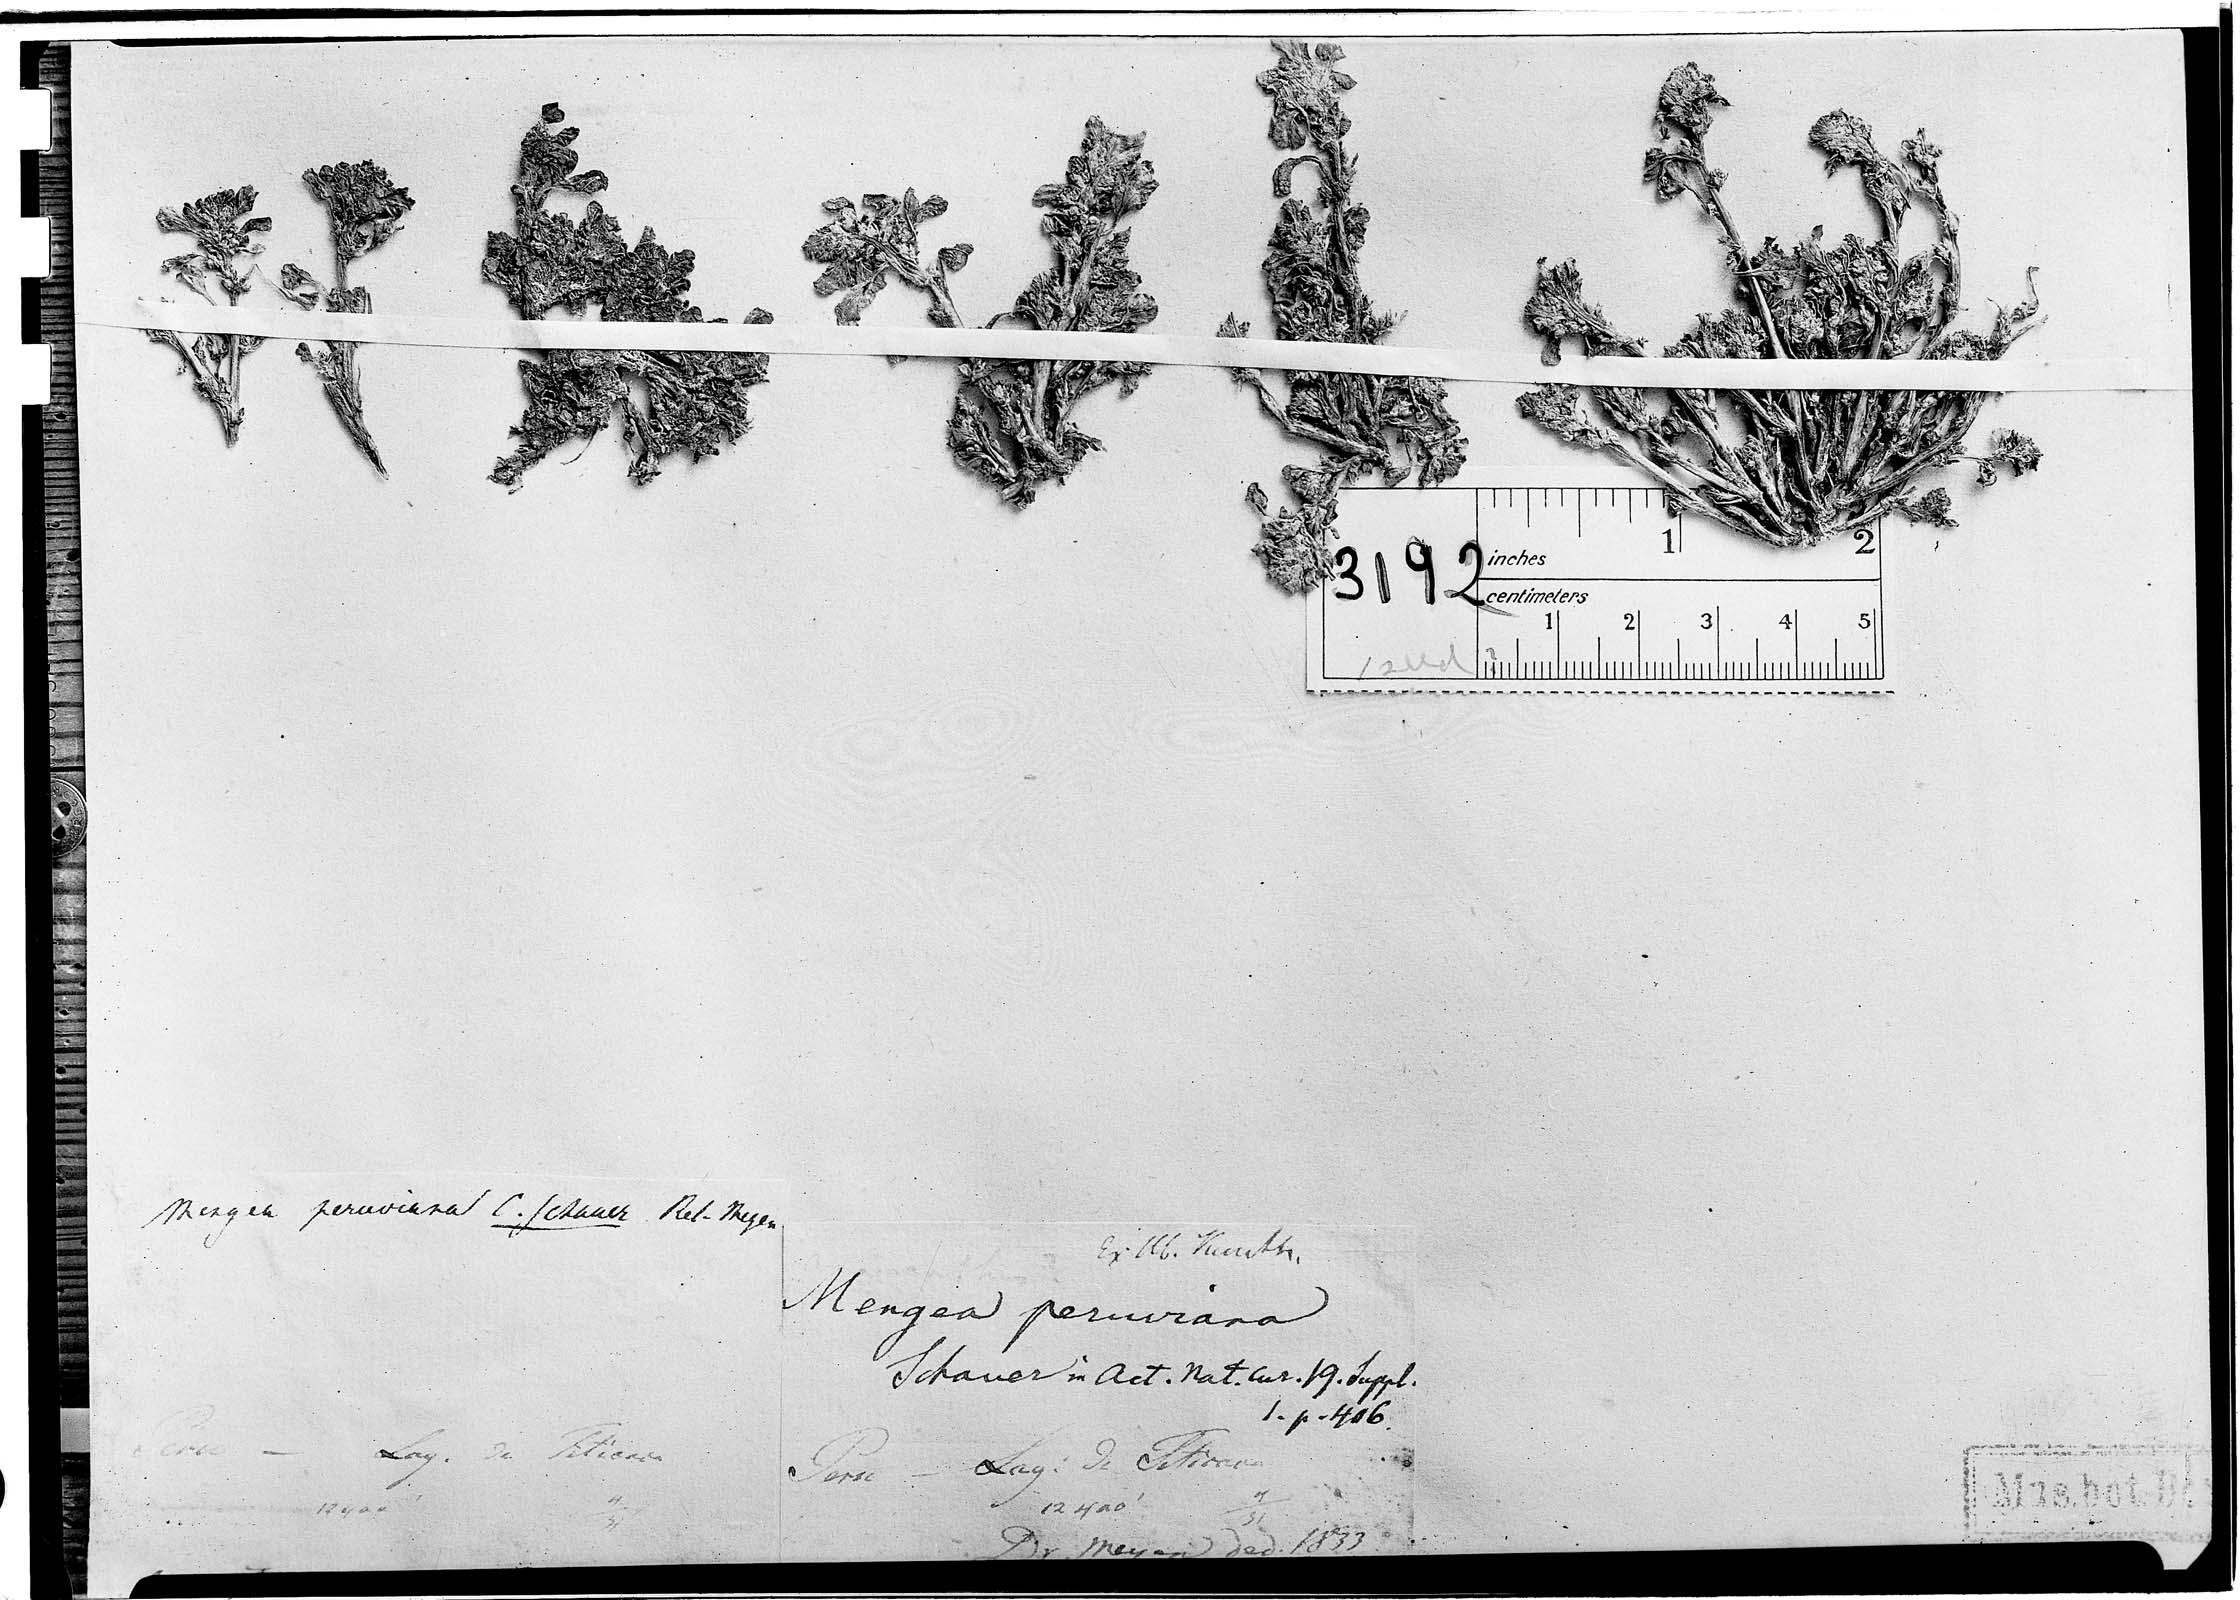 Amaranthus peruvianus image